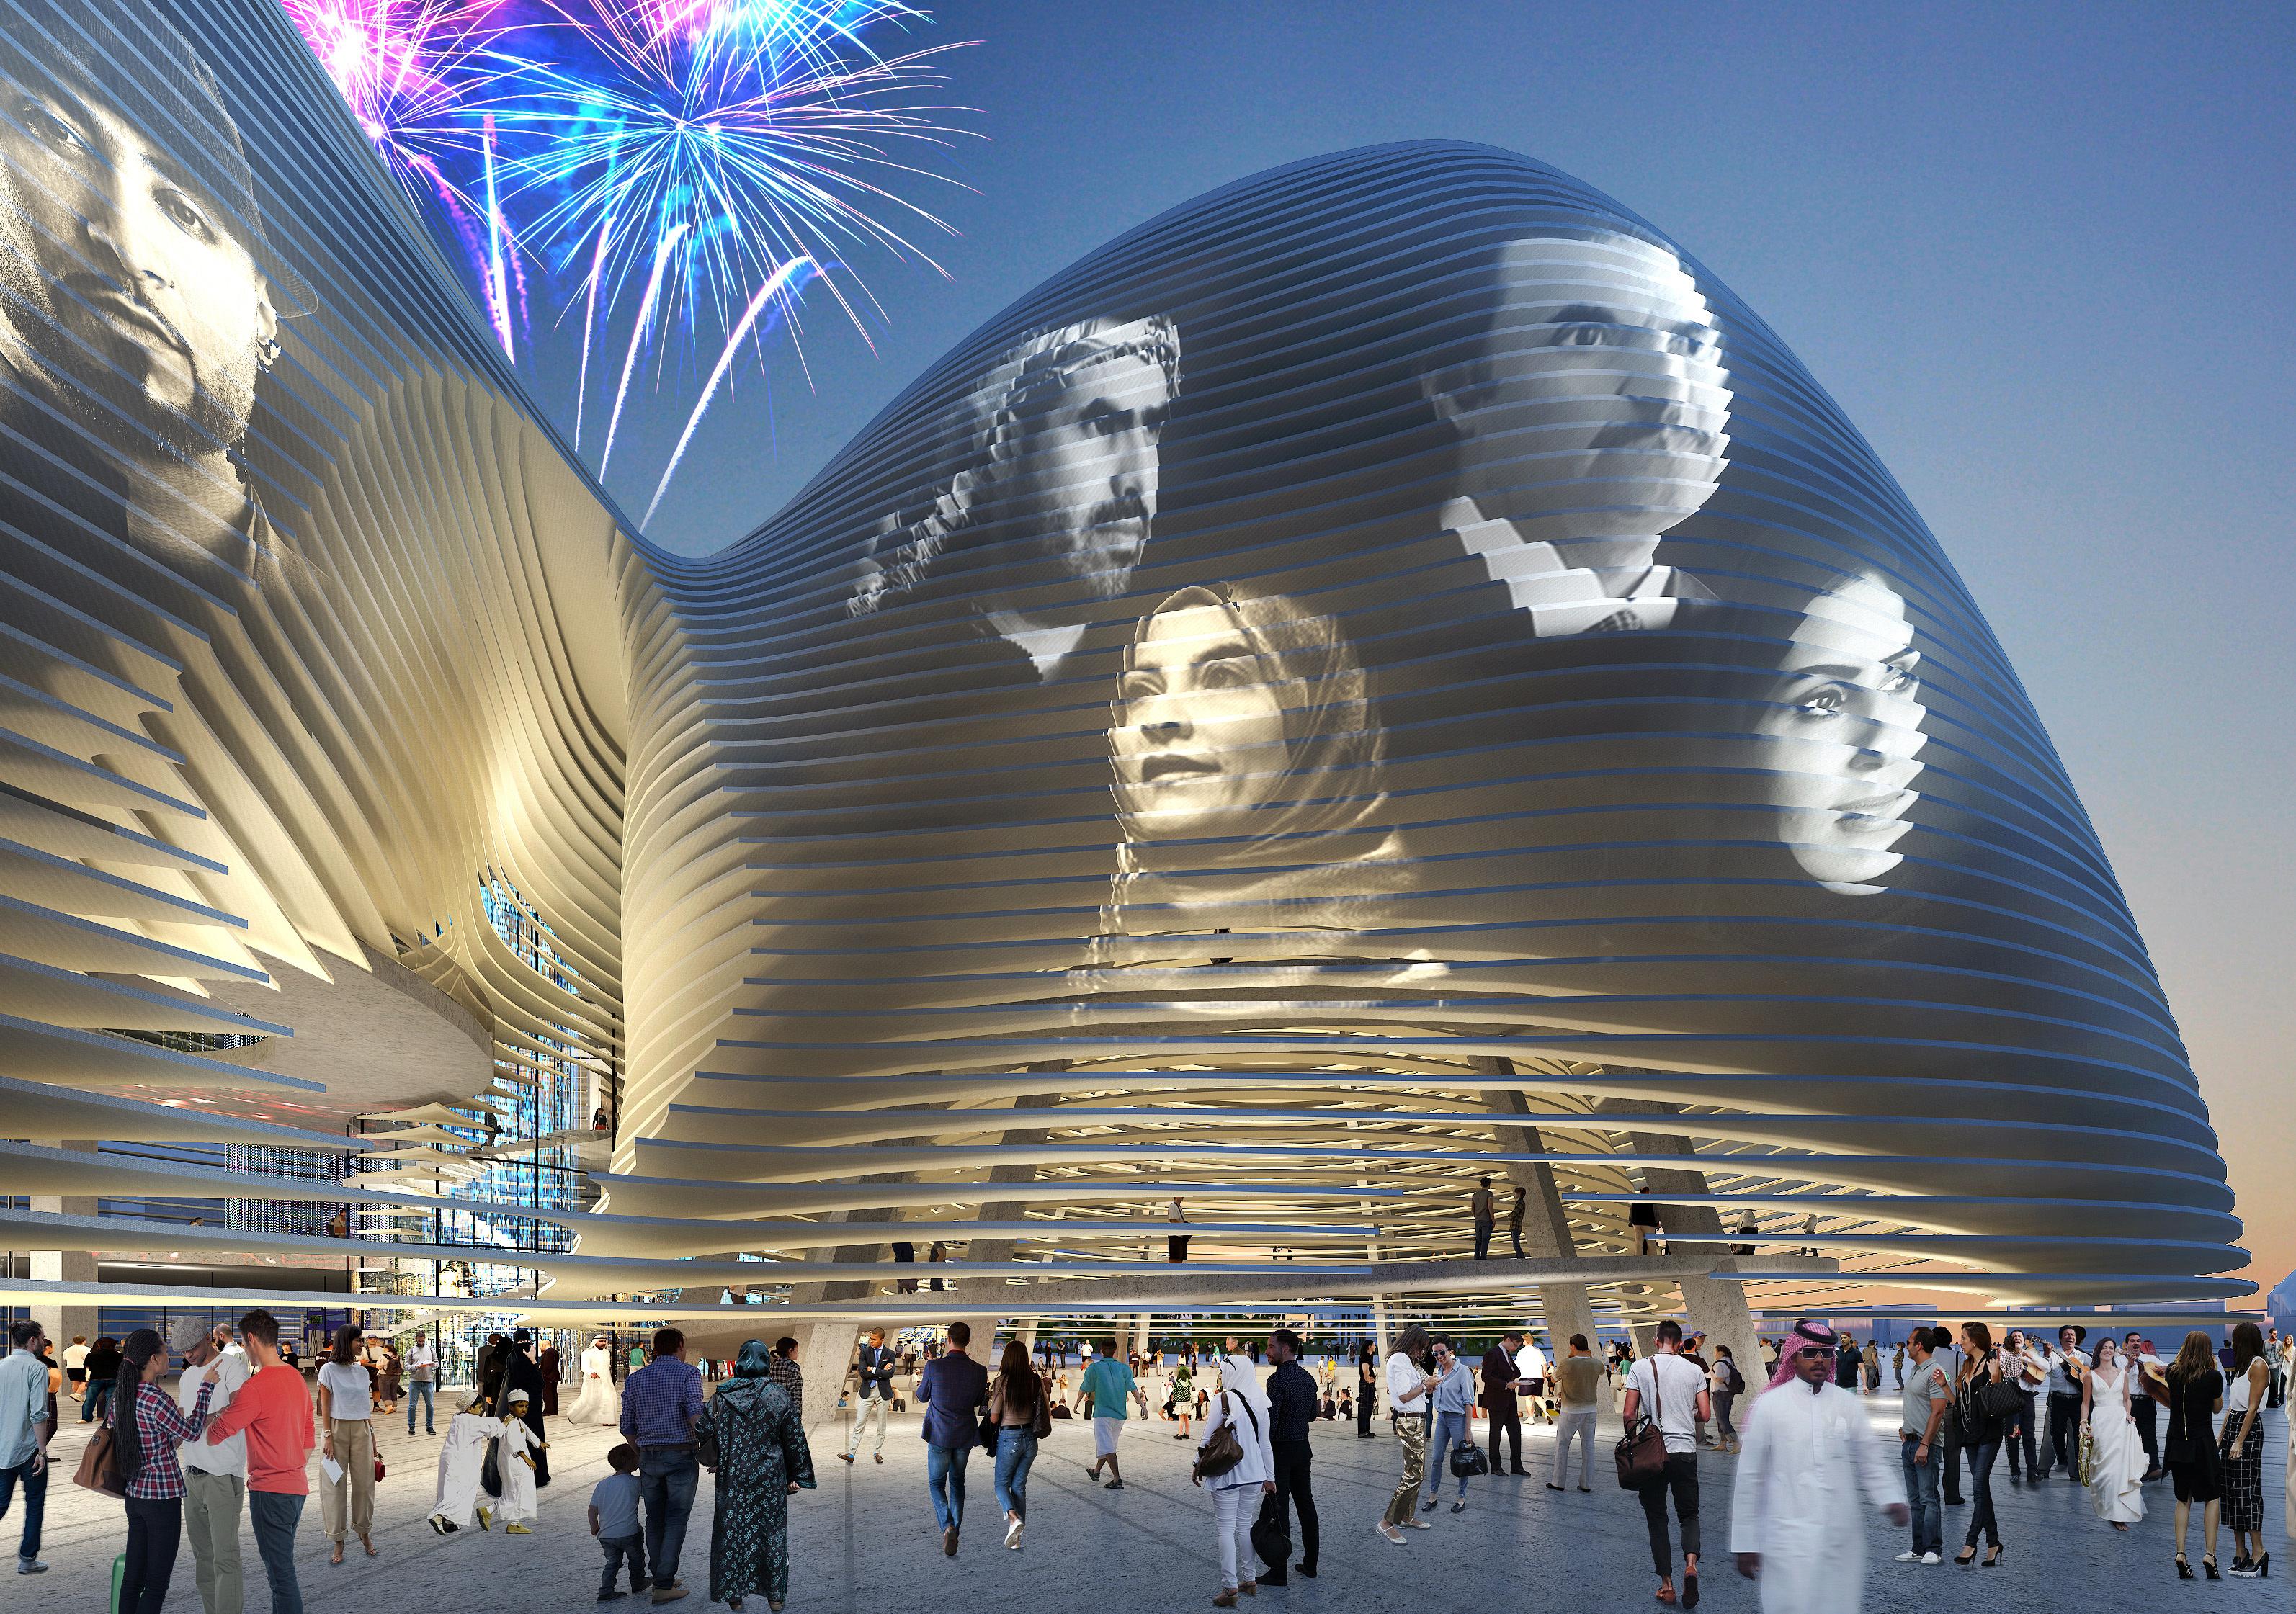 KSA Pavilion rendering images